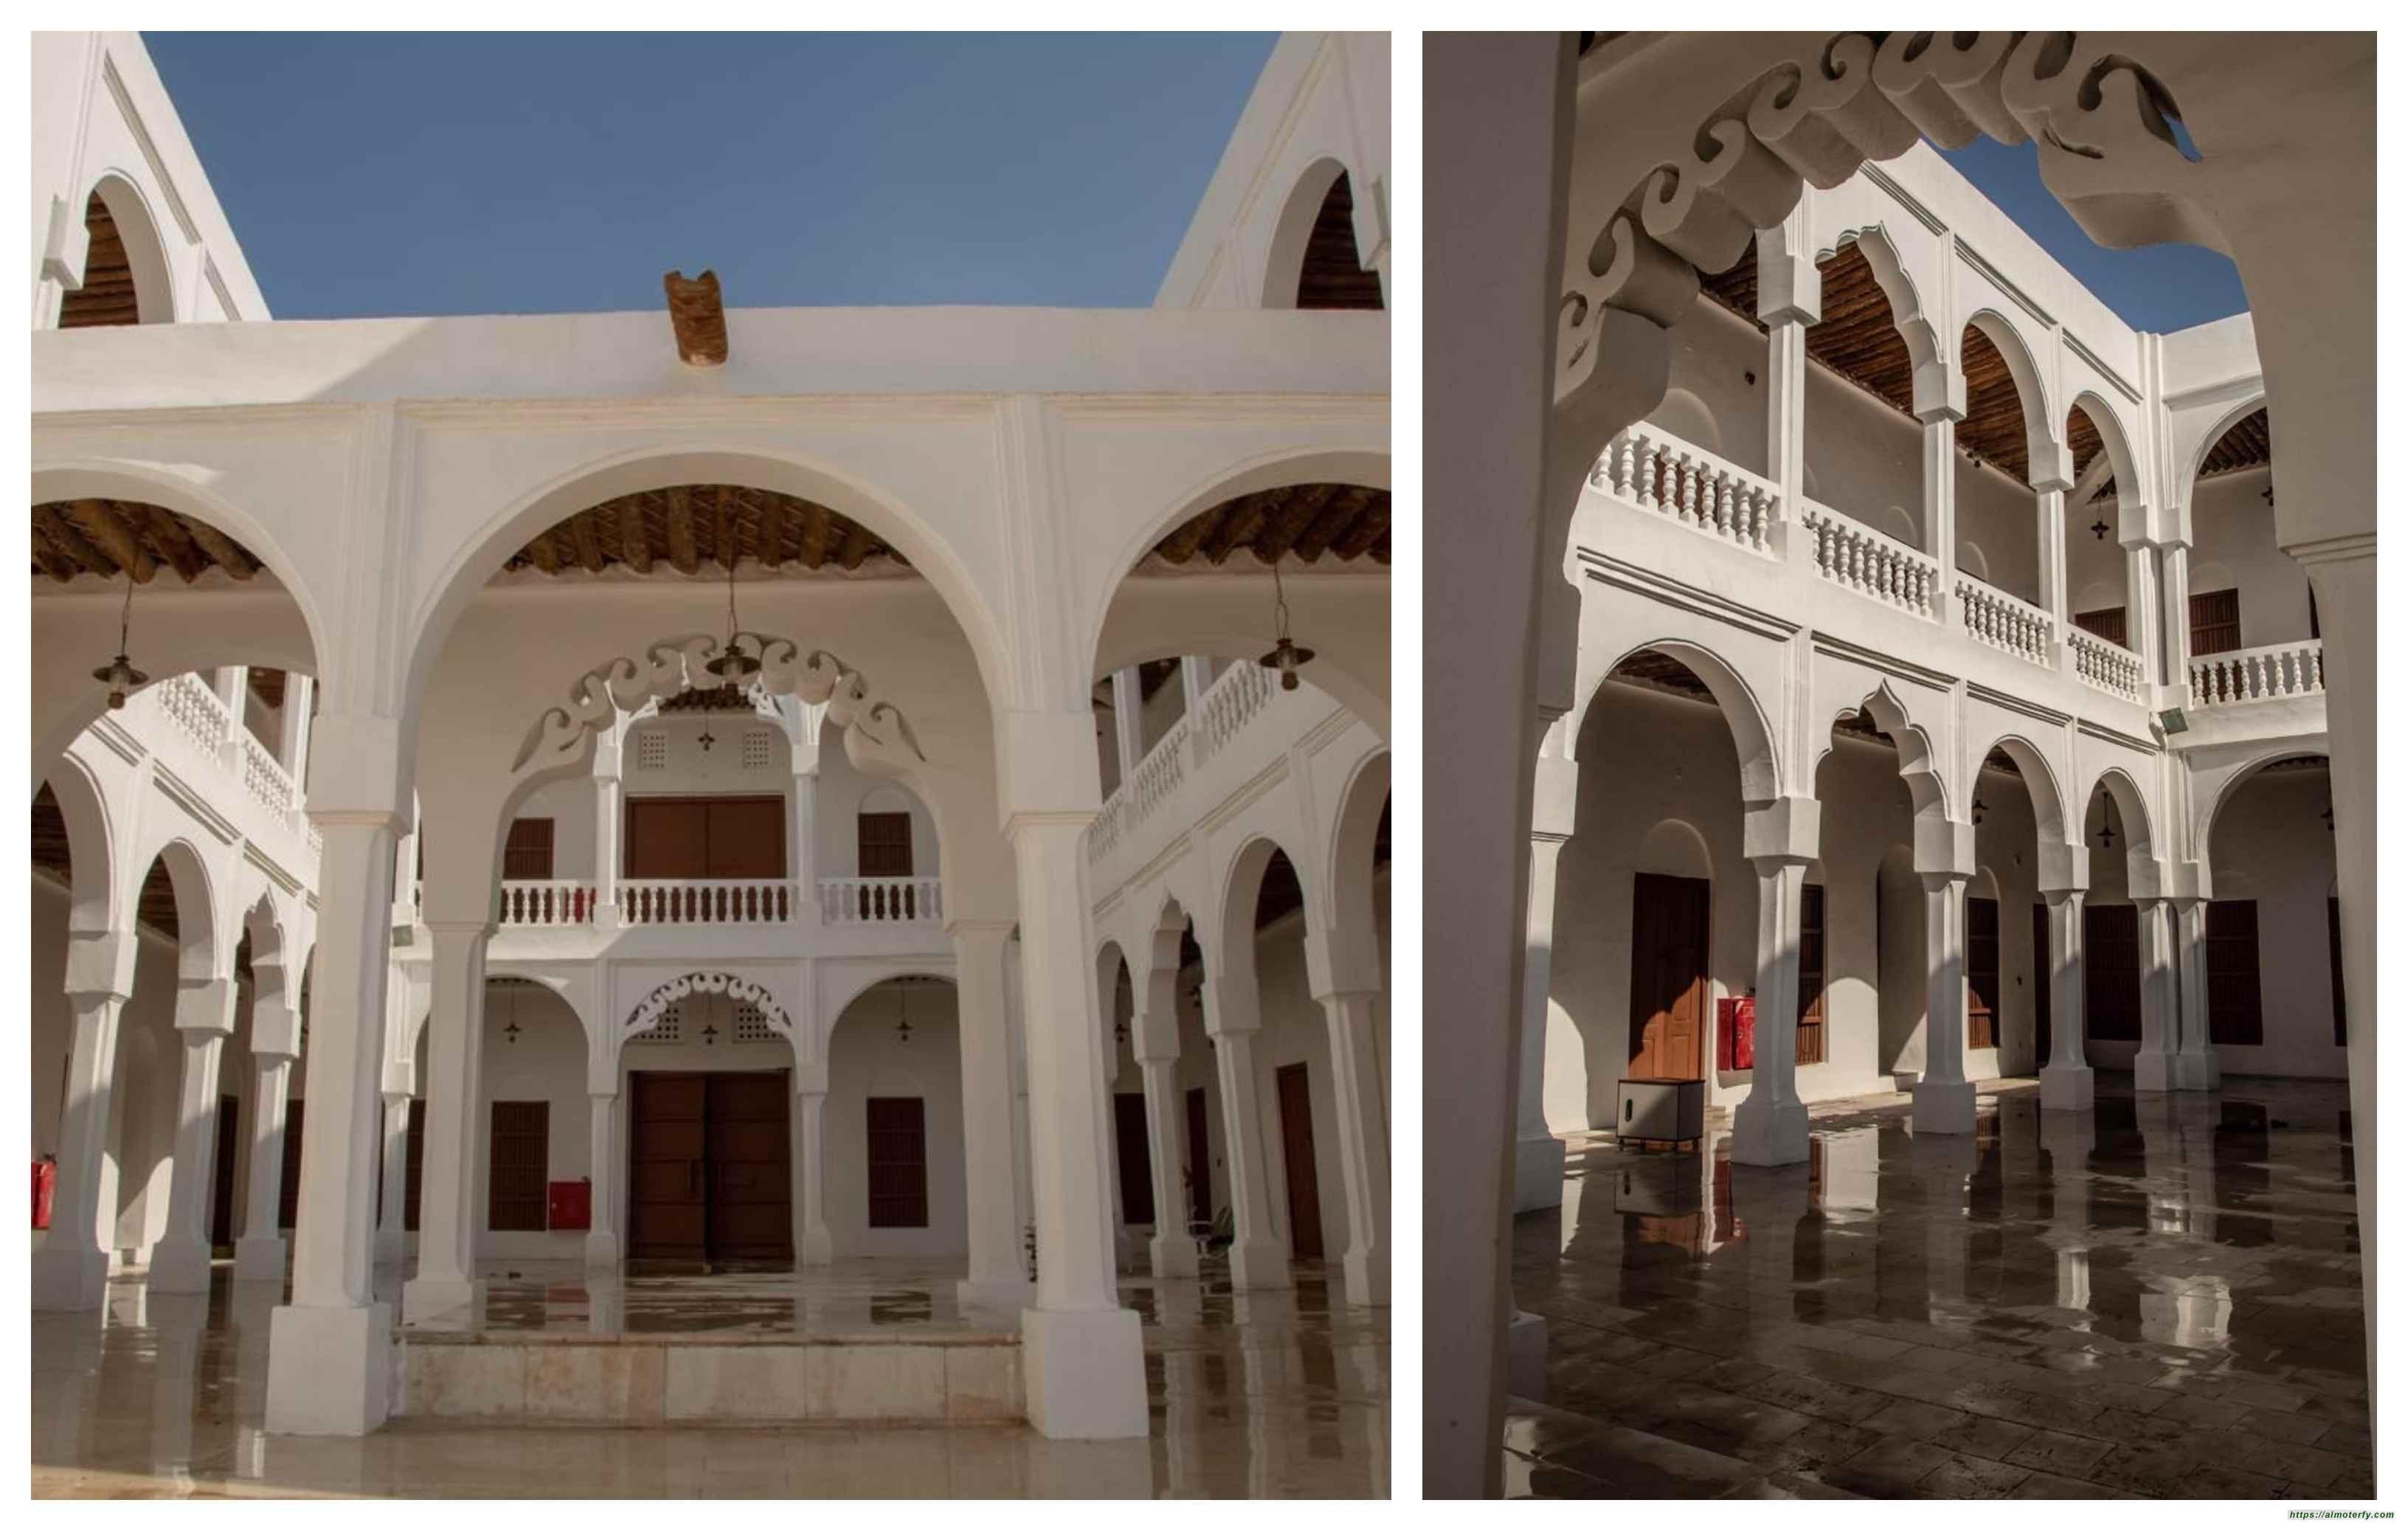 المدرسة الأميرية بالأحساء.. أيقونة التعليم والعمارة والسياحة التراثية